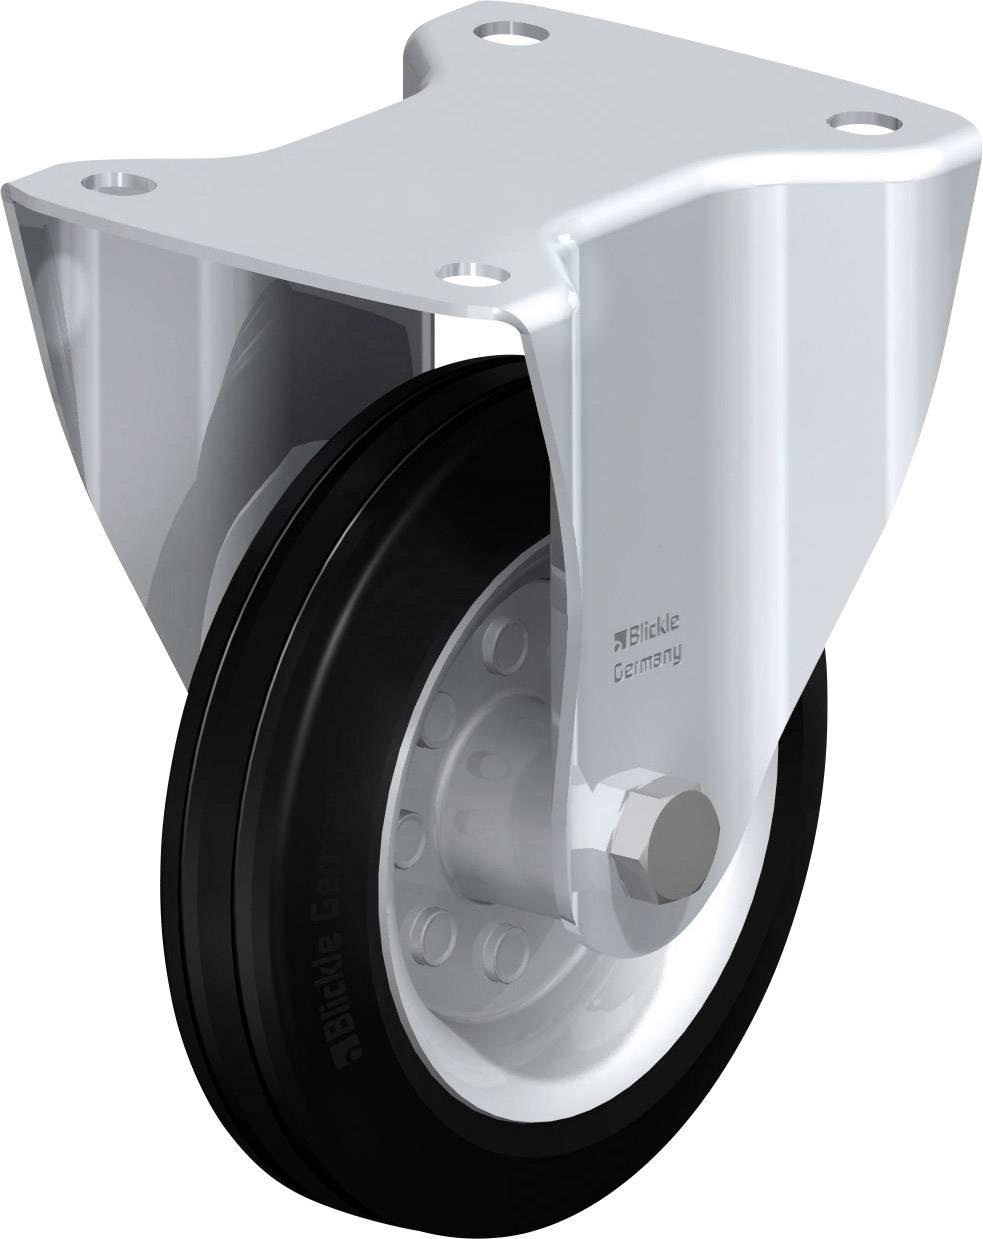 Kolečko s konstrukční deskou,/O 150 mm, Blickle 832119, B-VE 150R